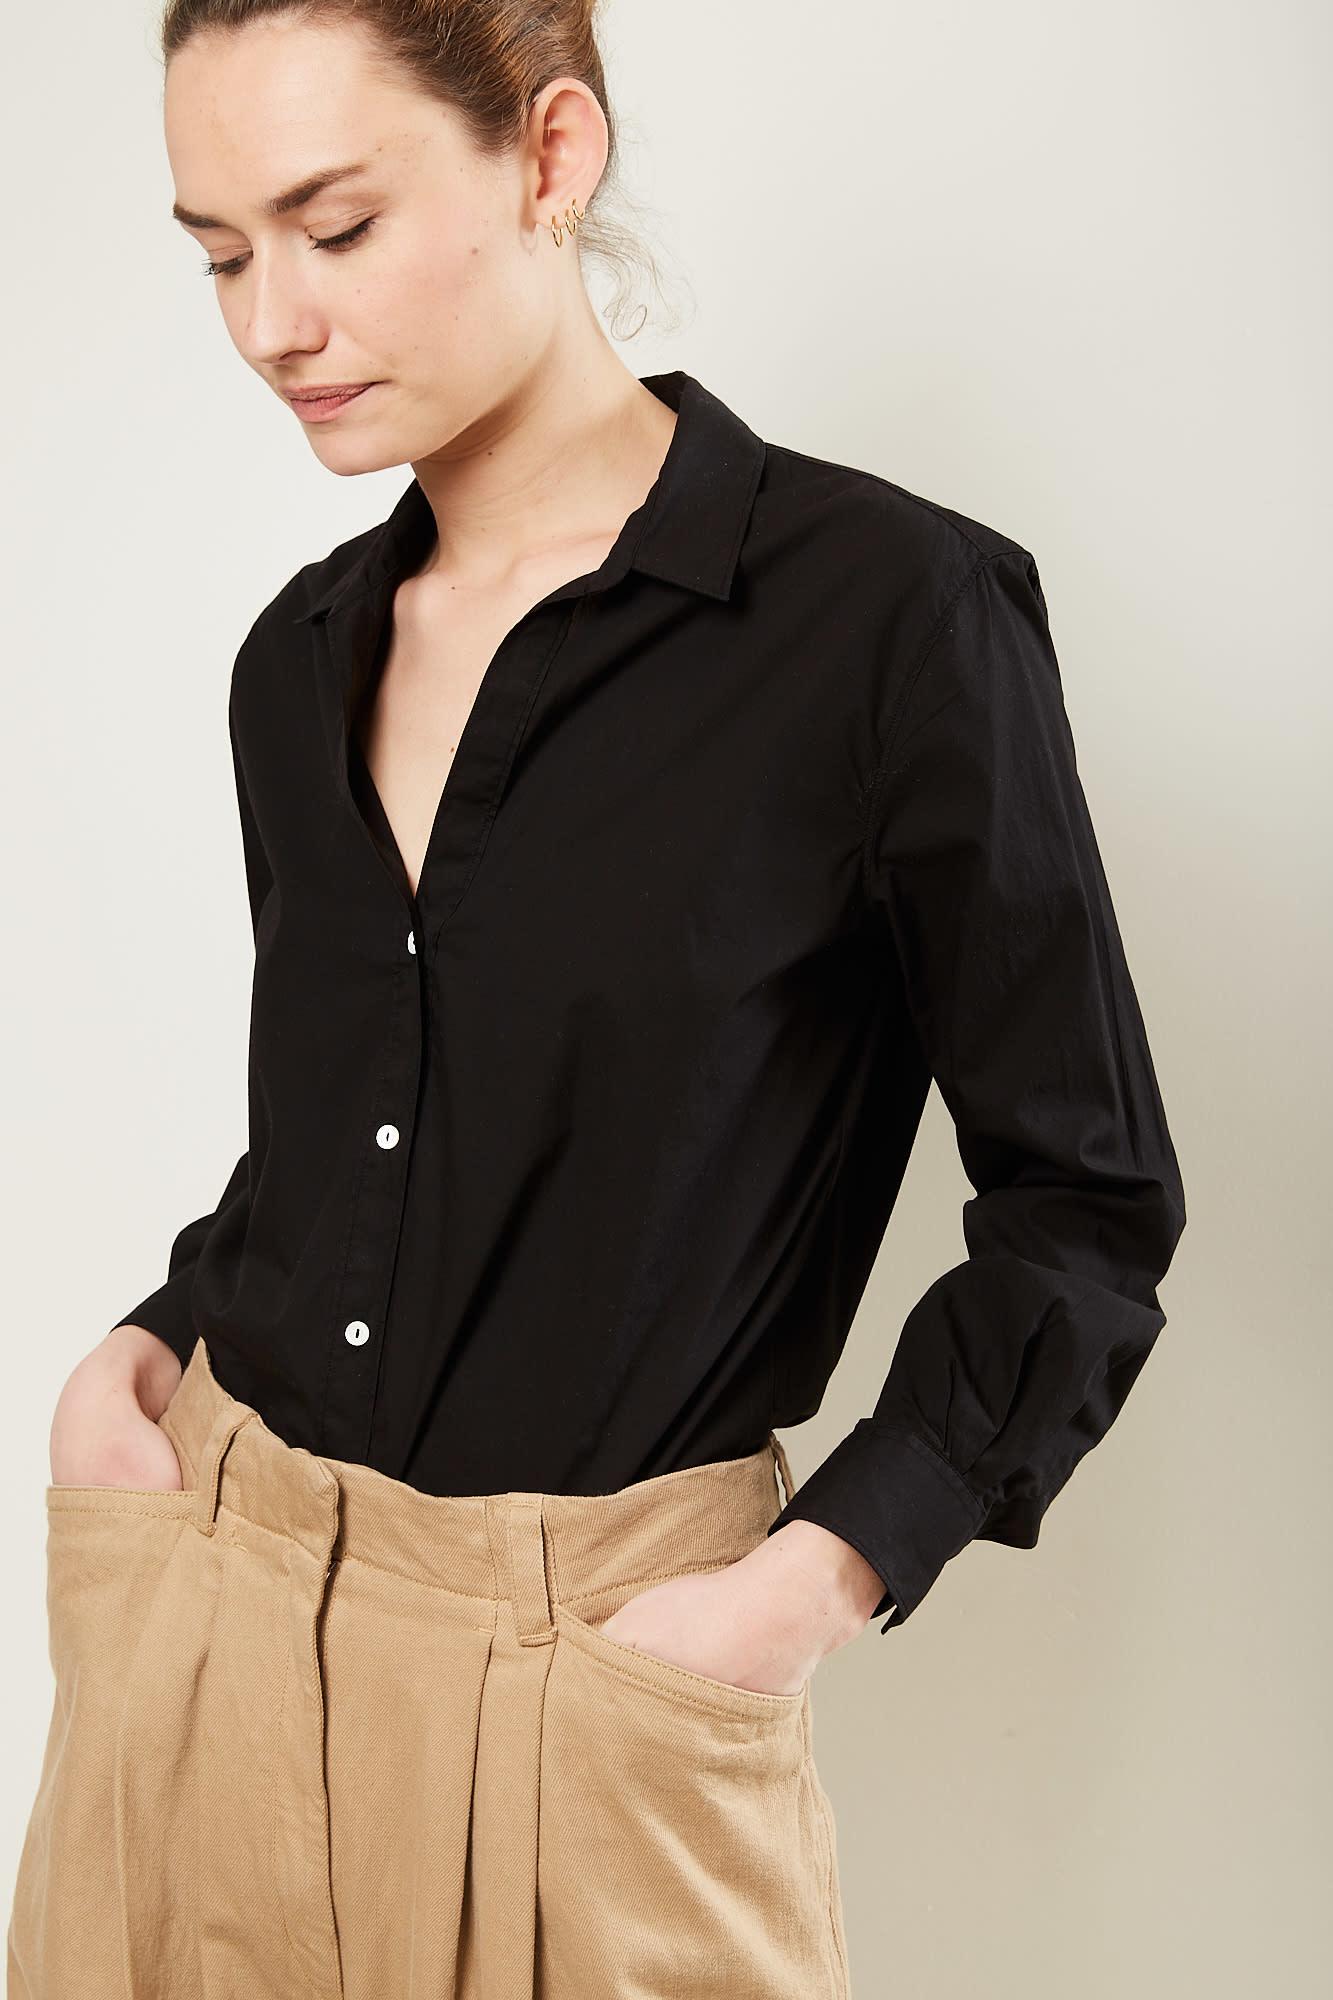 Diega Clementina chemise 5